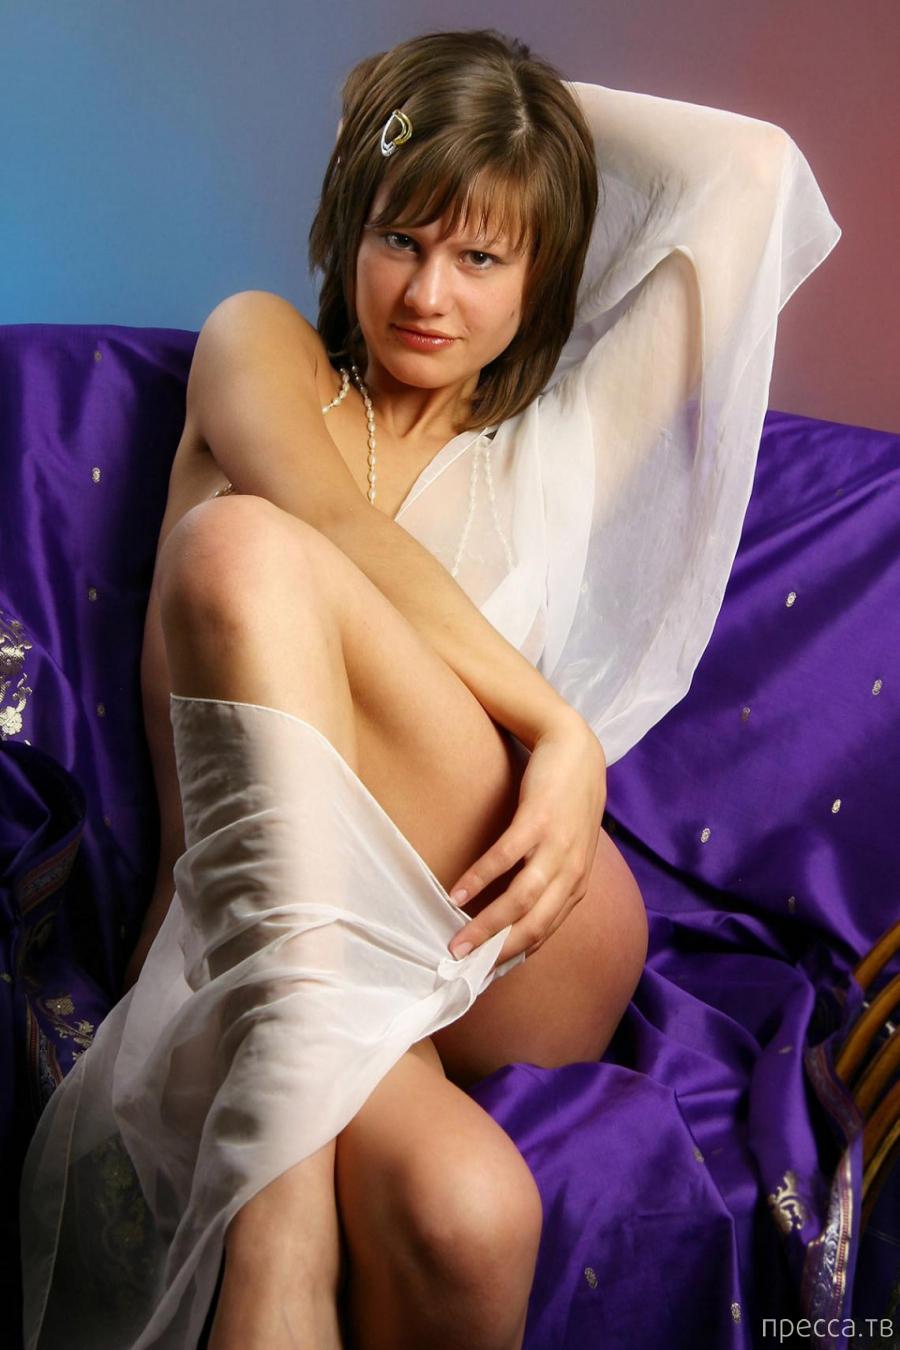 Симпатичная девушка с большой грудью (11 фото)